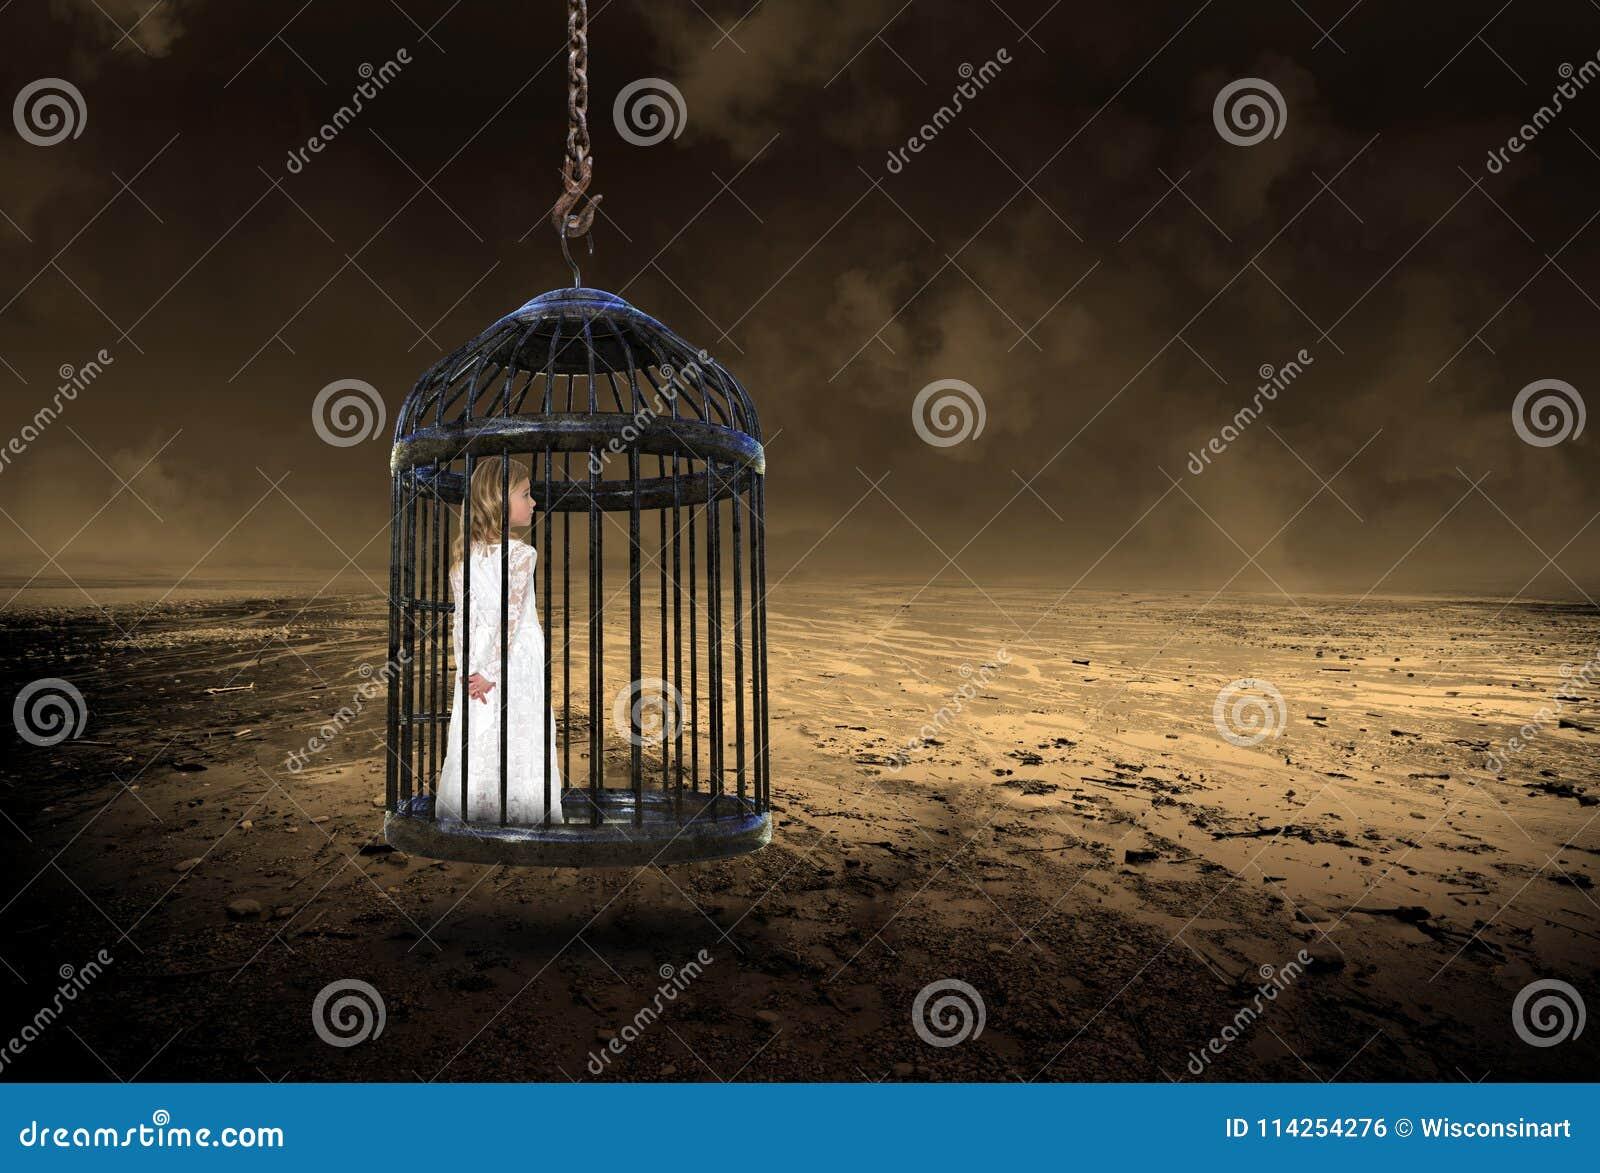 Jeune fille, cage, amour, espoir, paix